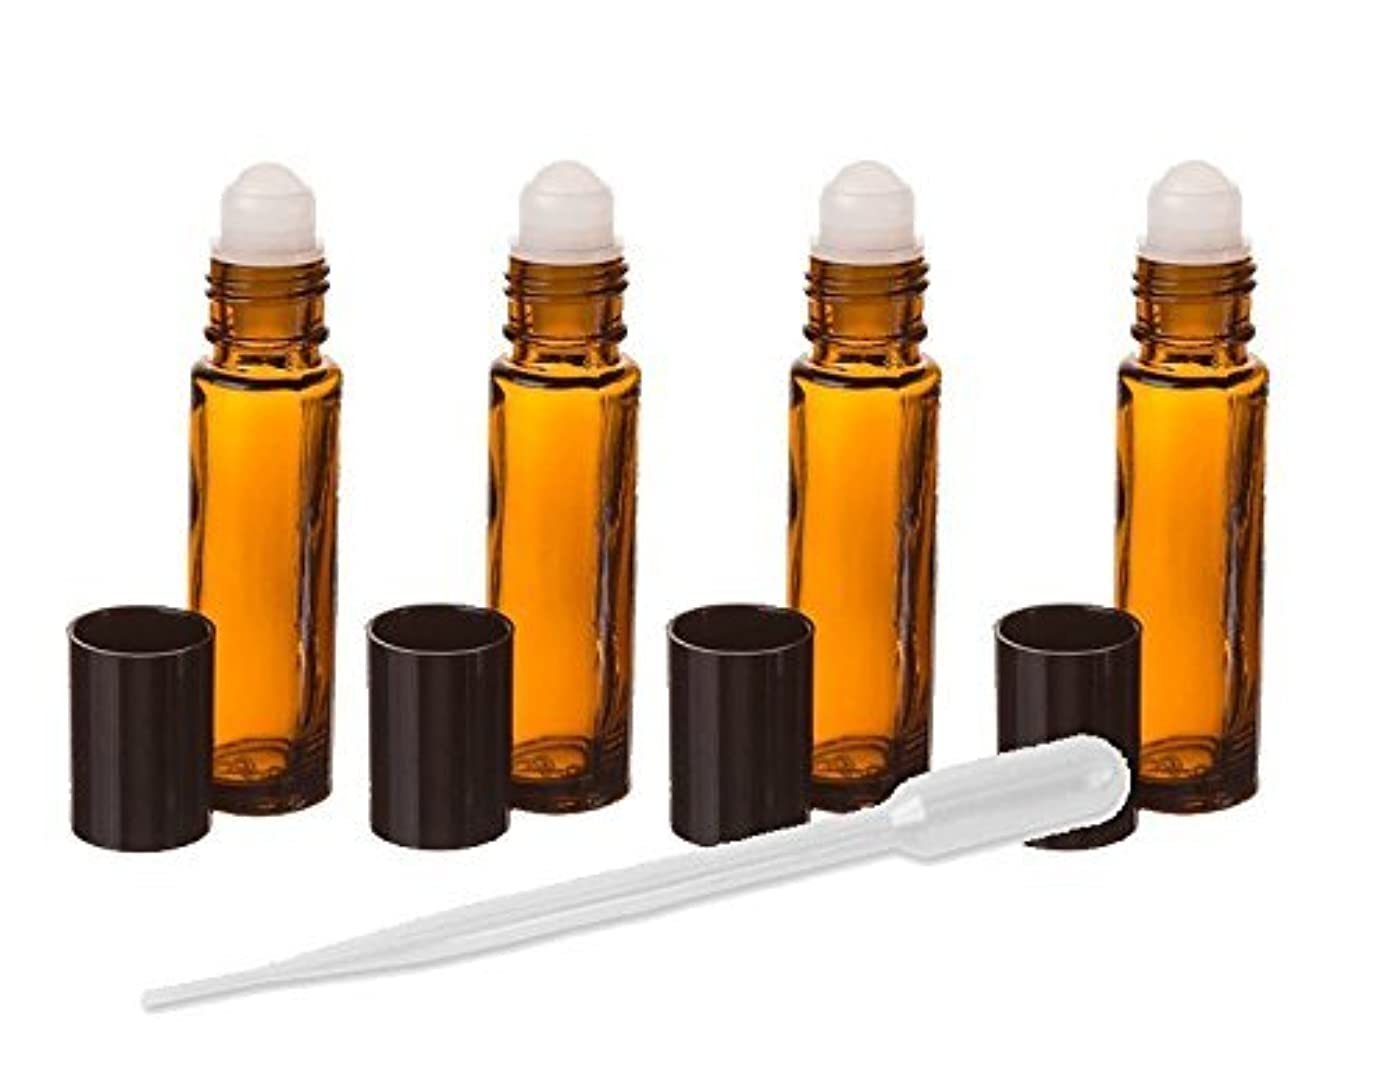 仲間靴ケープAmber Glass Essential Oil Rollerball Bottles, 8ml Aromatherapy Glass Roll on Bottles - Set of 6 (Amber) by Grand...